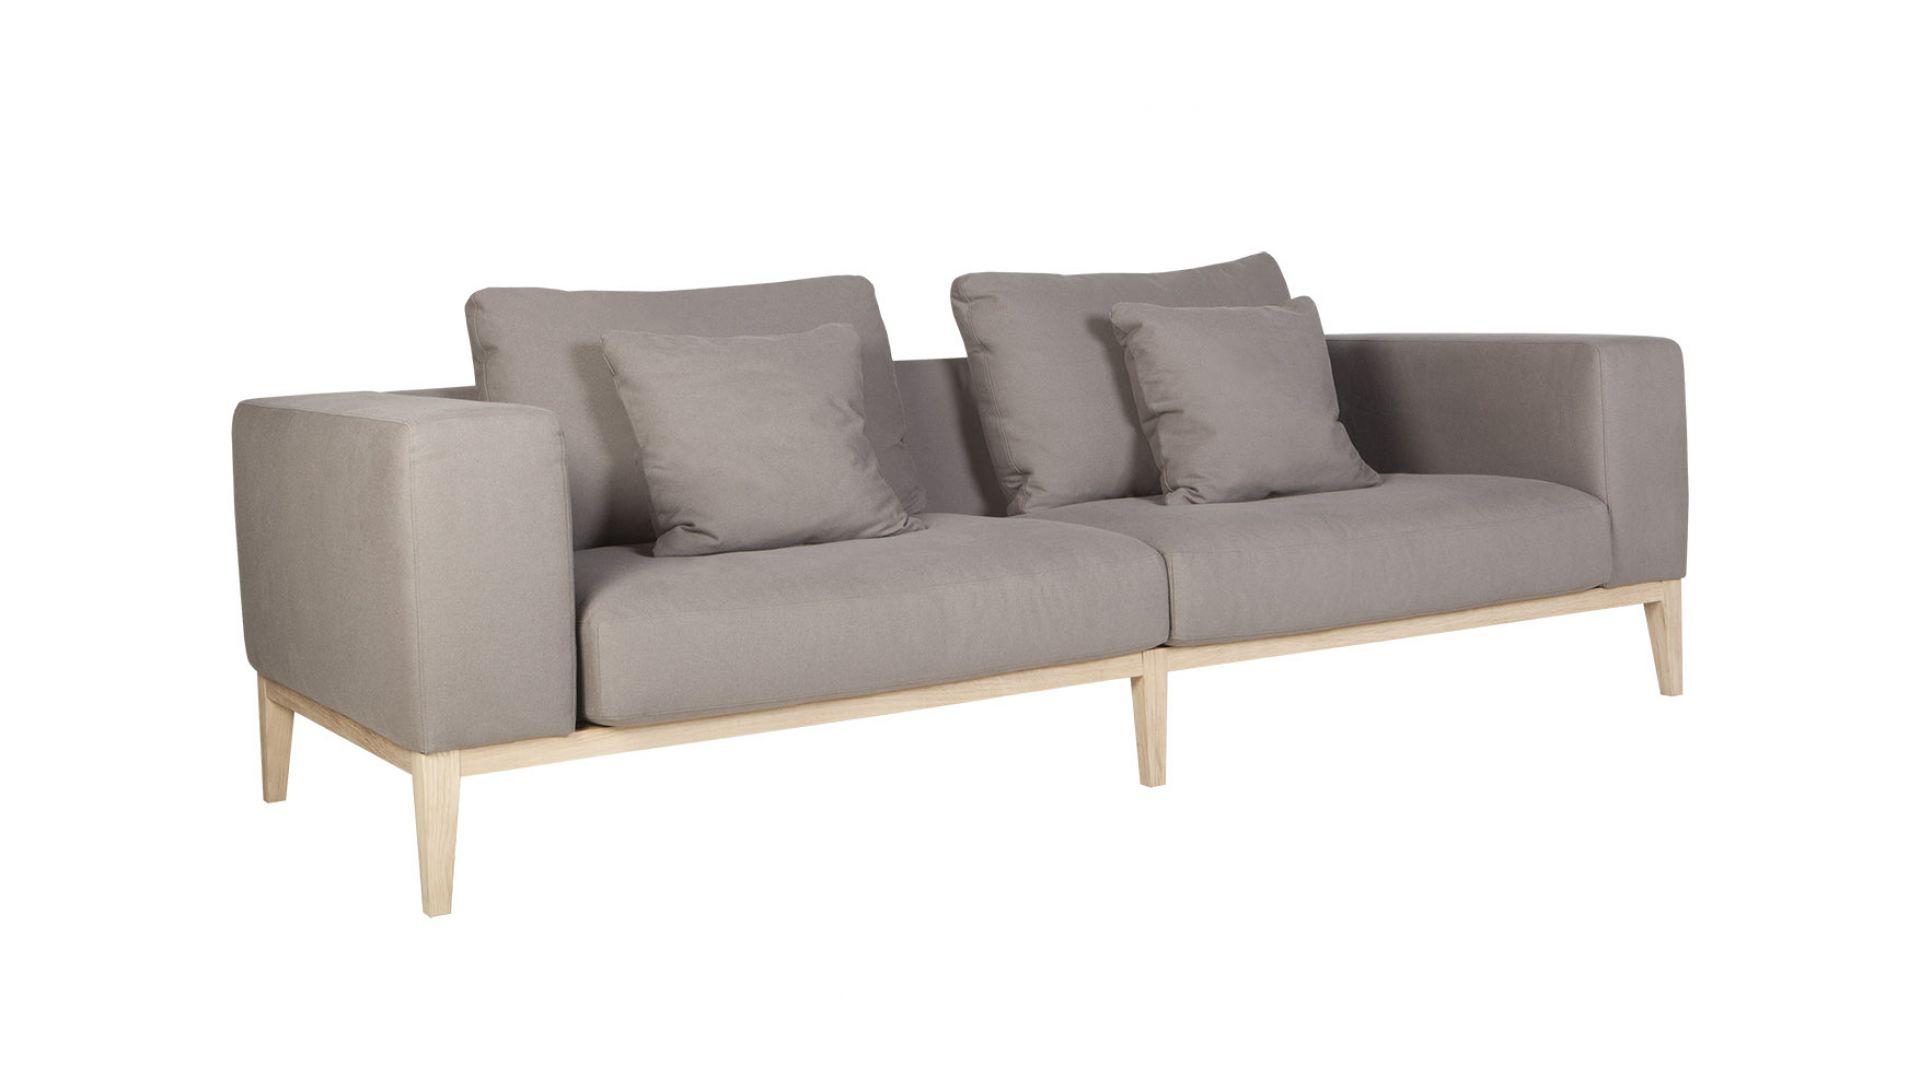 Konstrukcja sofy Vincent jest solidna, a jednocześnie - dzięki jasnej, naturalnej barwie drewna - zdecydowanie zyskuje na lekkości. Fot. Sits